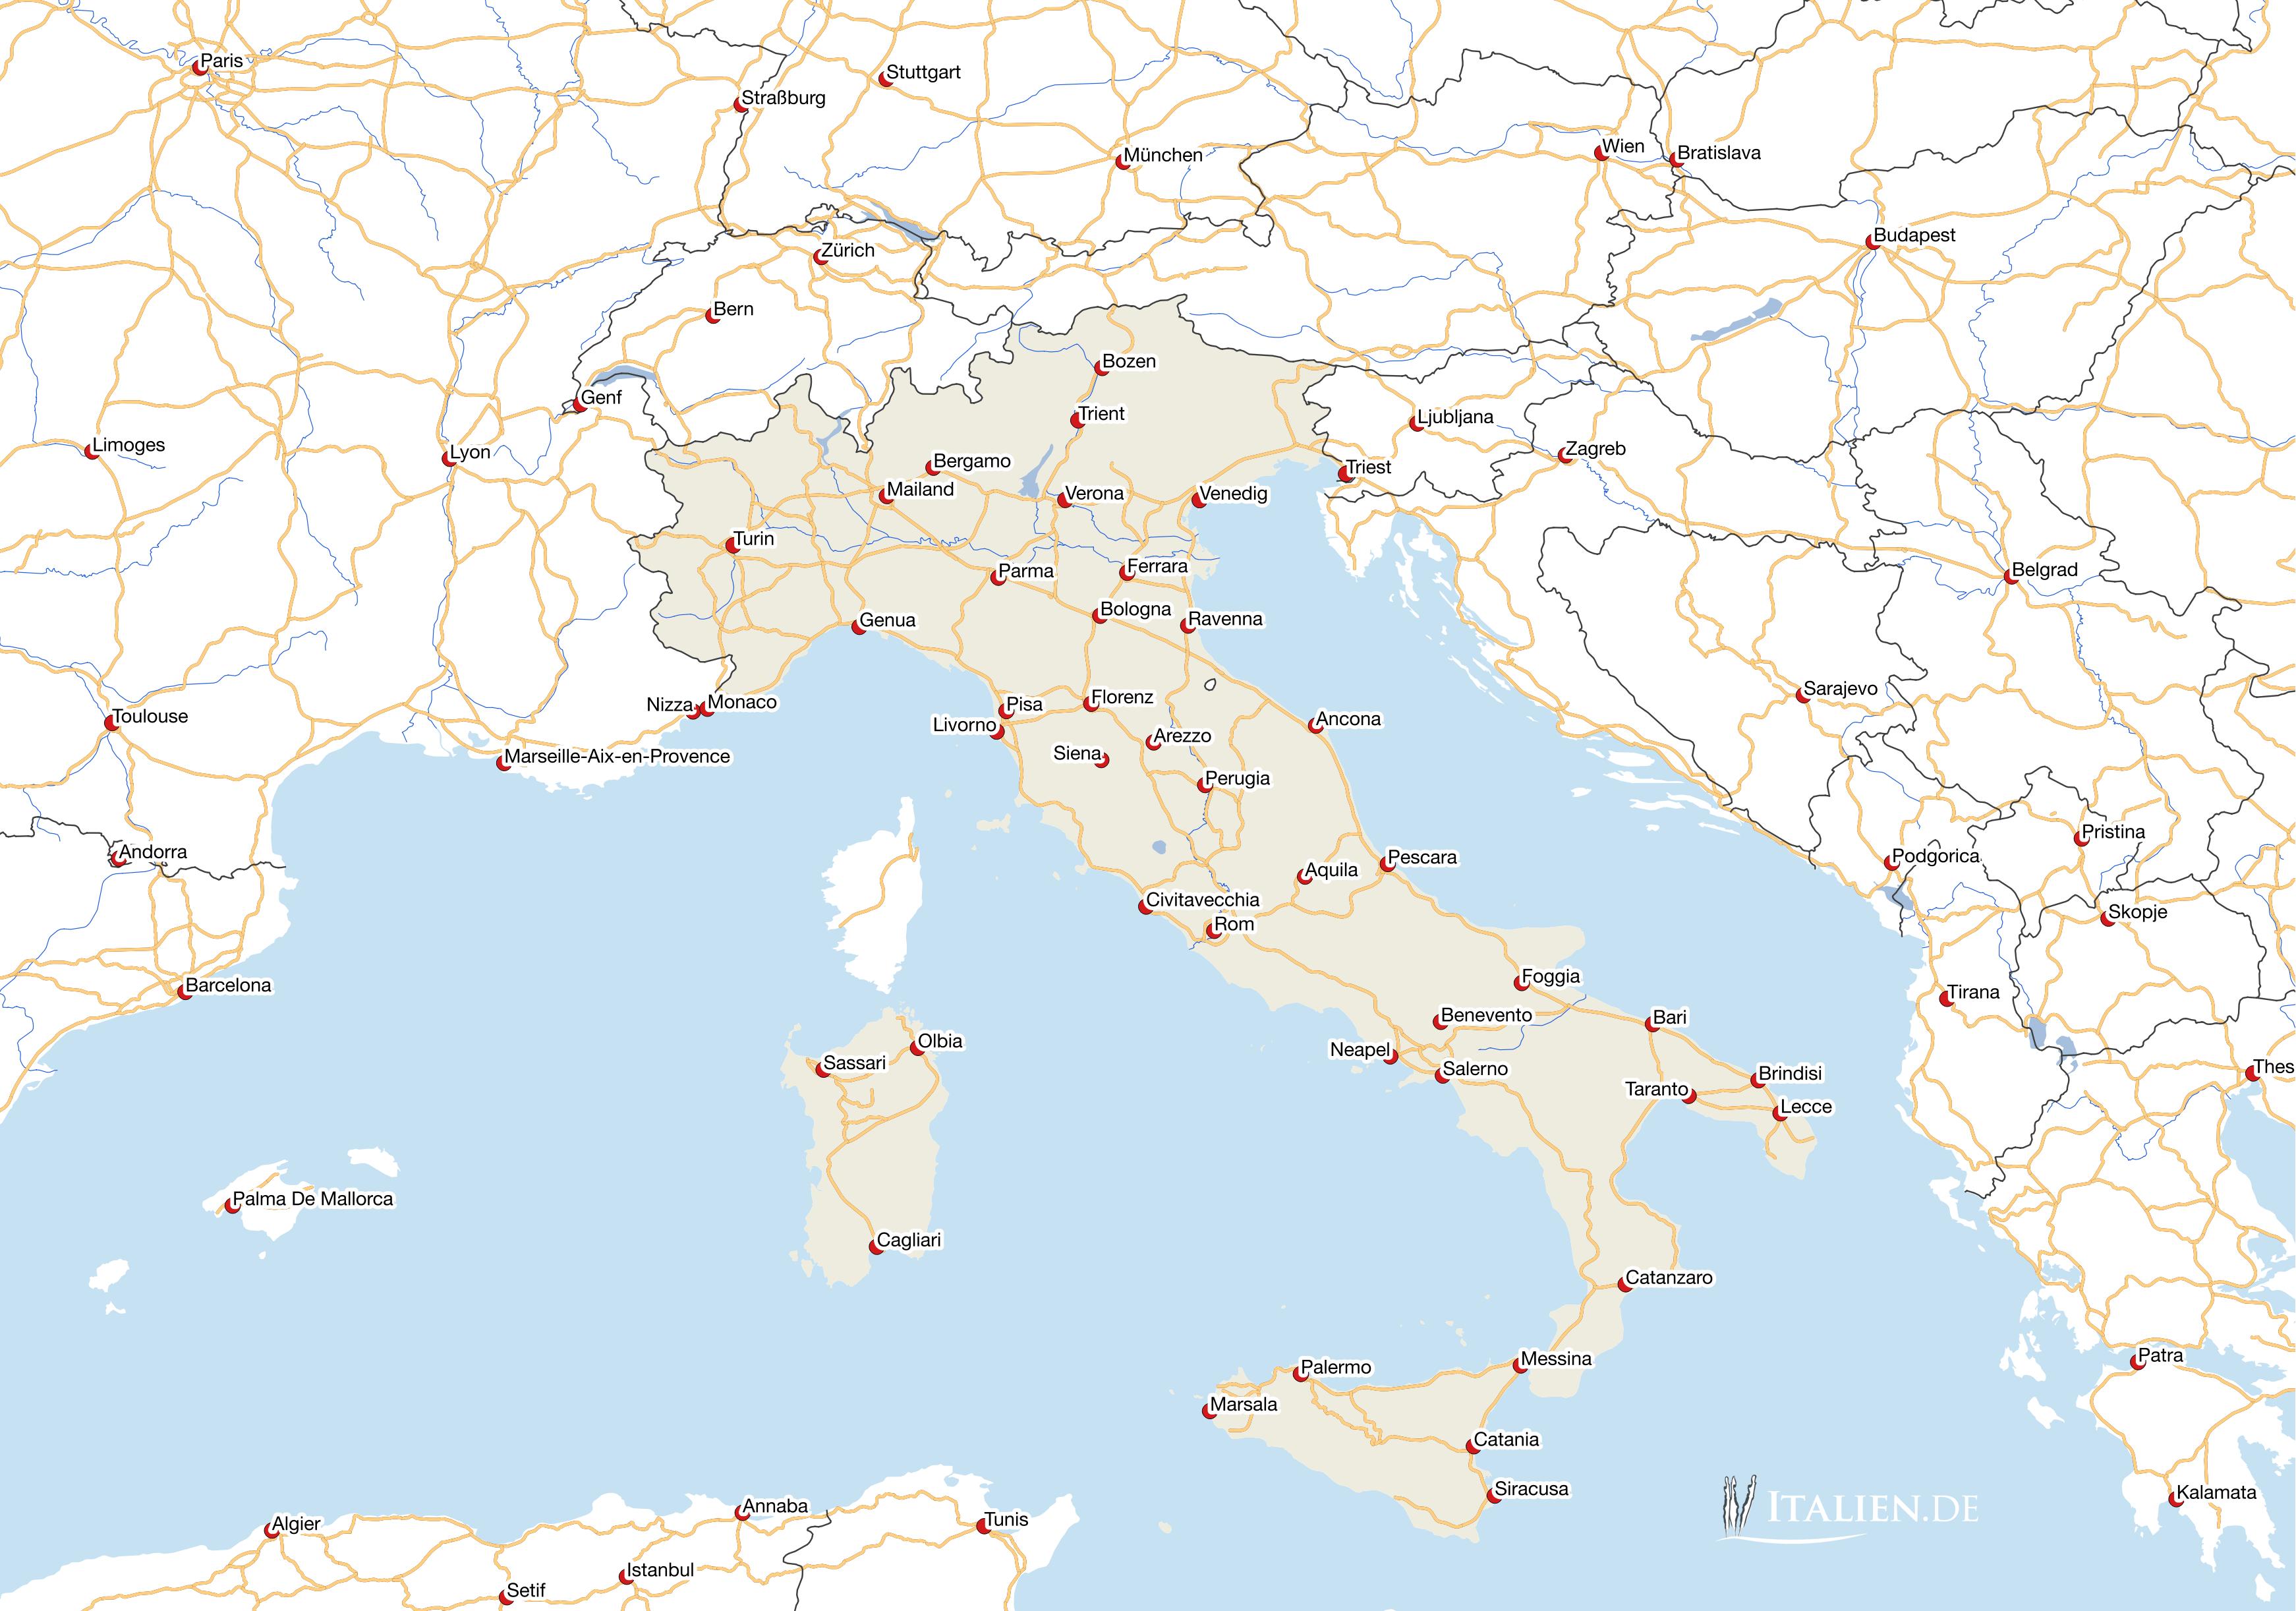 karte italien Karten von Italien – italien.de karte italien